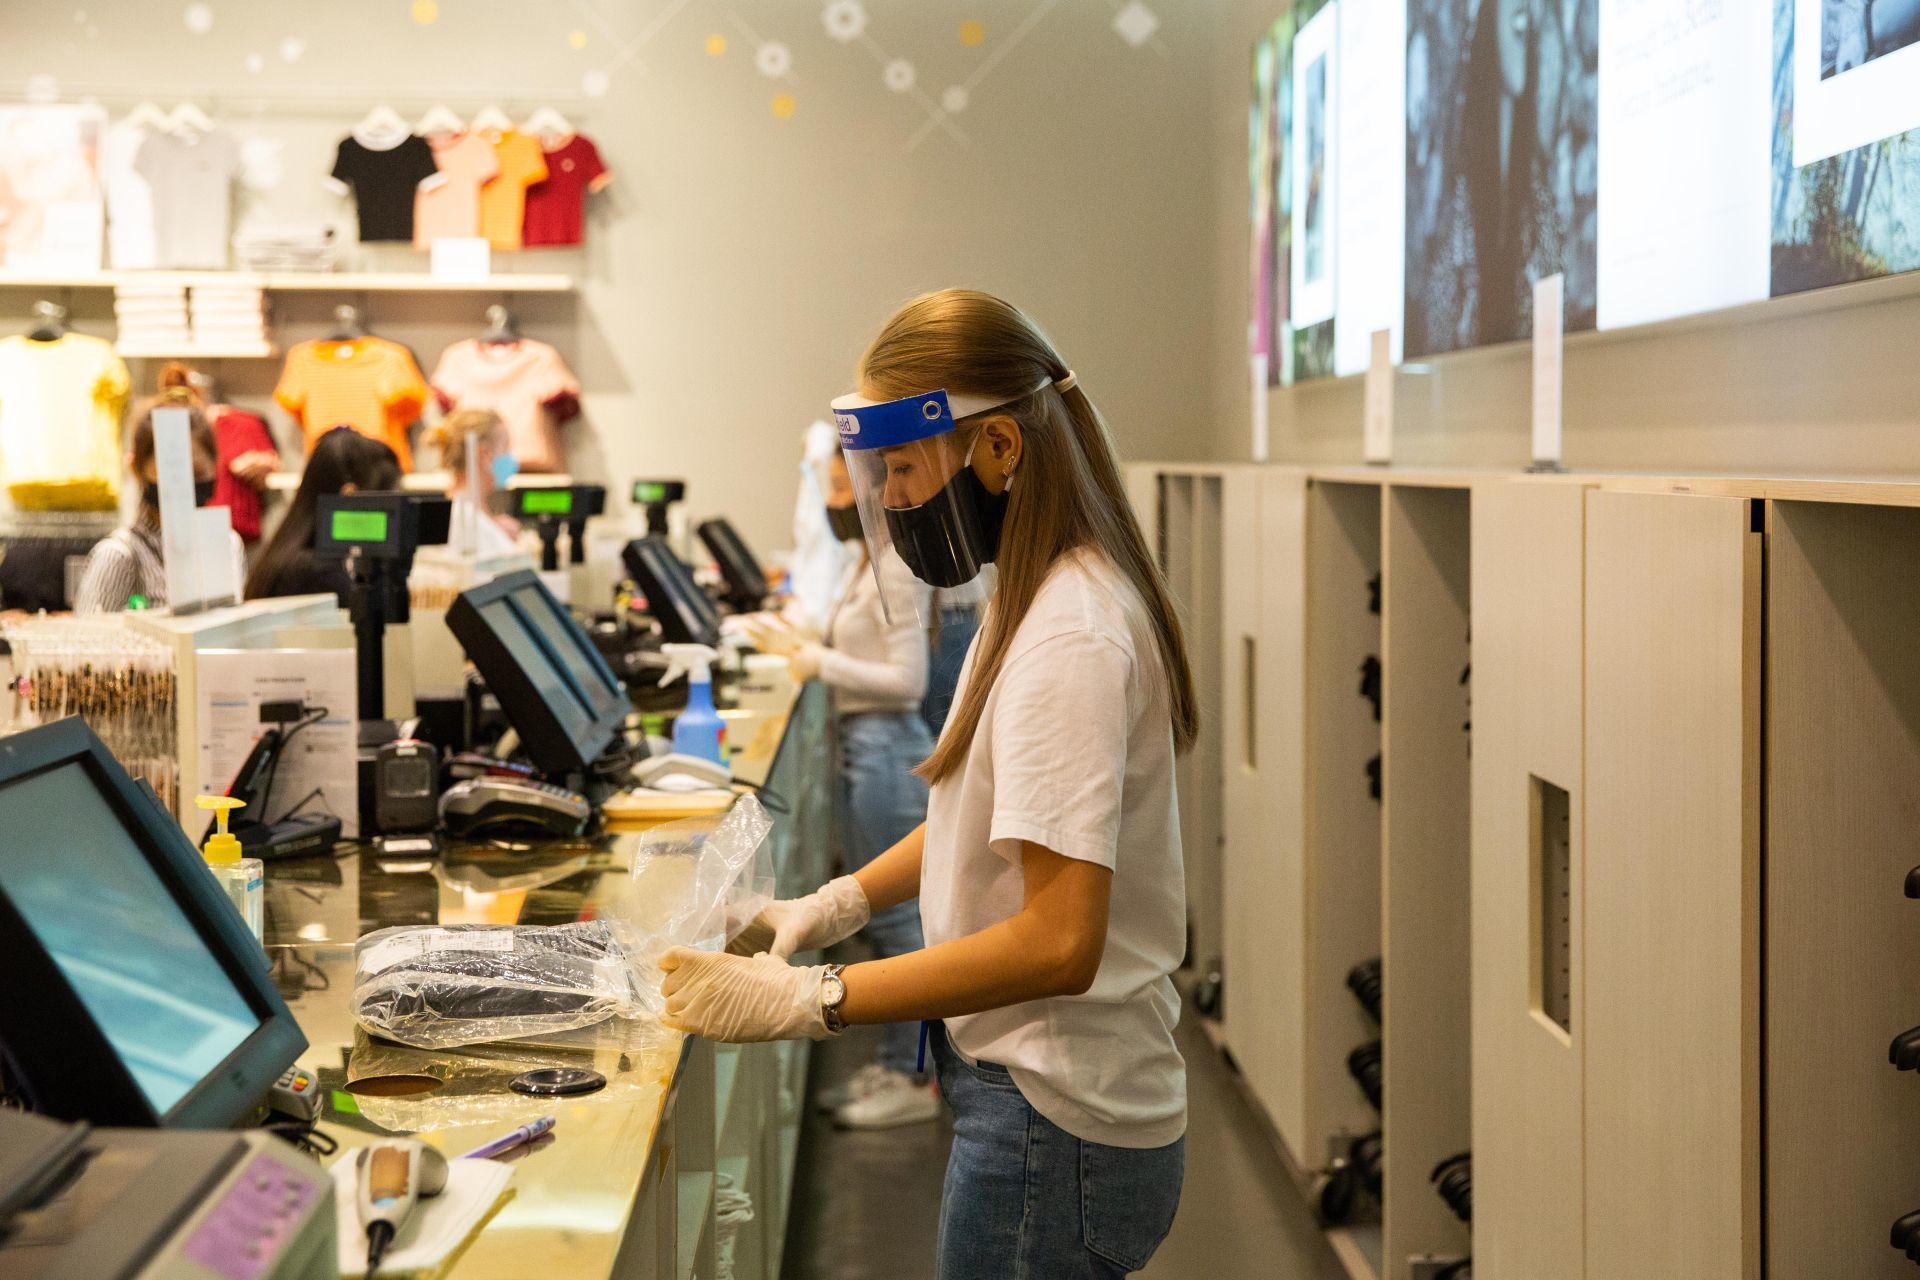 Nem csak a vásárlókra, az eladókra is komoly biztonsági előírások vonatkoznak most, hogy enyhítették a kijárási korlátozásokat és újra kinyitottak a ruhaüzletek. (Fotó: Lauren DeCicca/Getty Images)